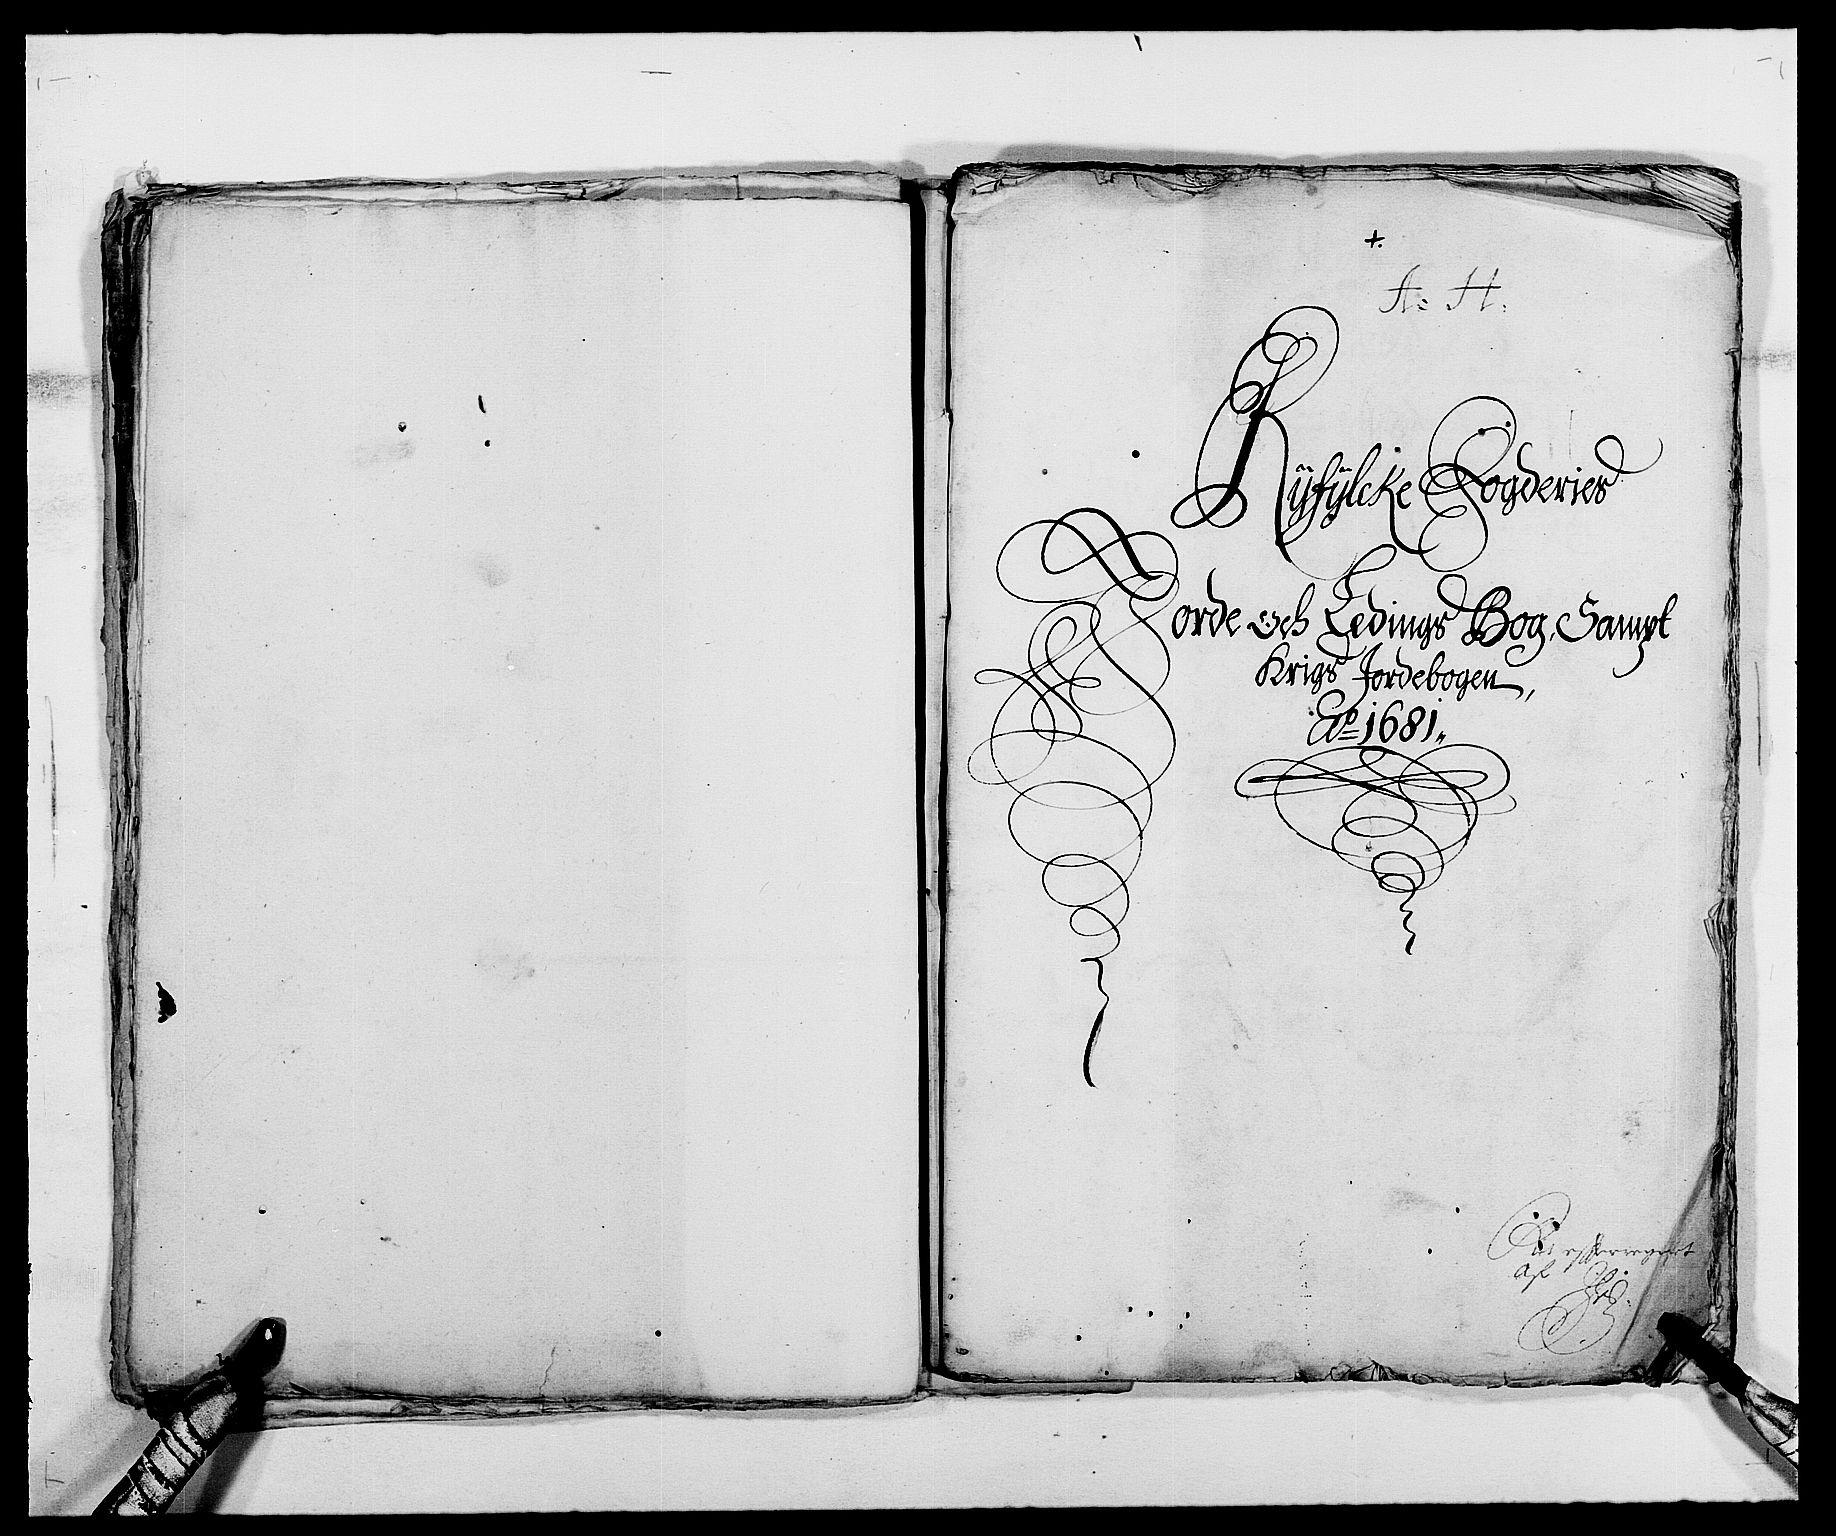 RA, Rentekammeret inntil 1814, Reviderte regnskaper, Fogderegnskap, R47/L2852: Fogderegnskap Ryfylke, 1681, s. 138